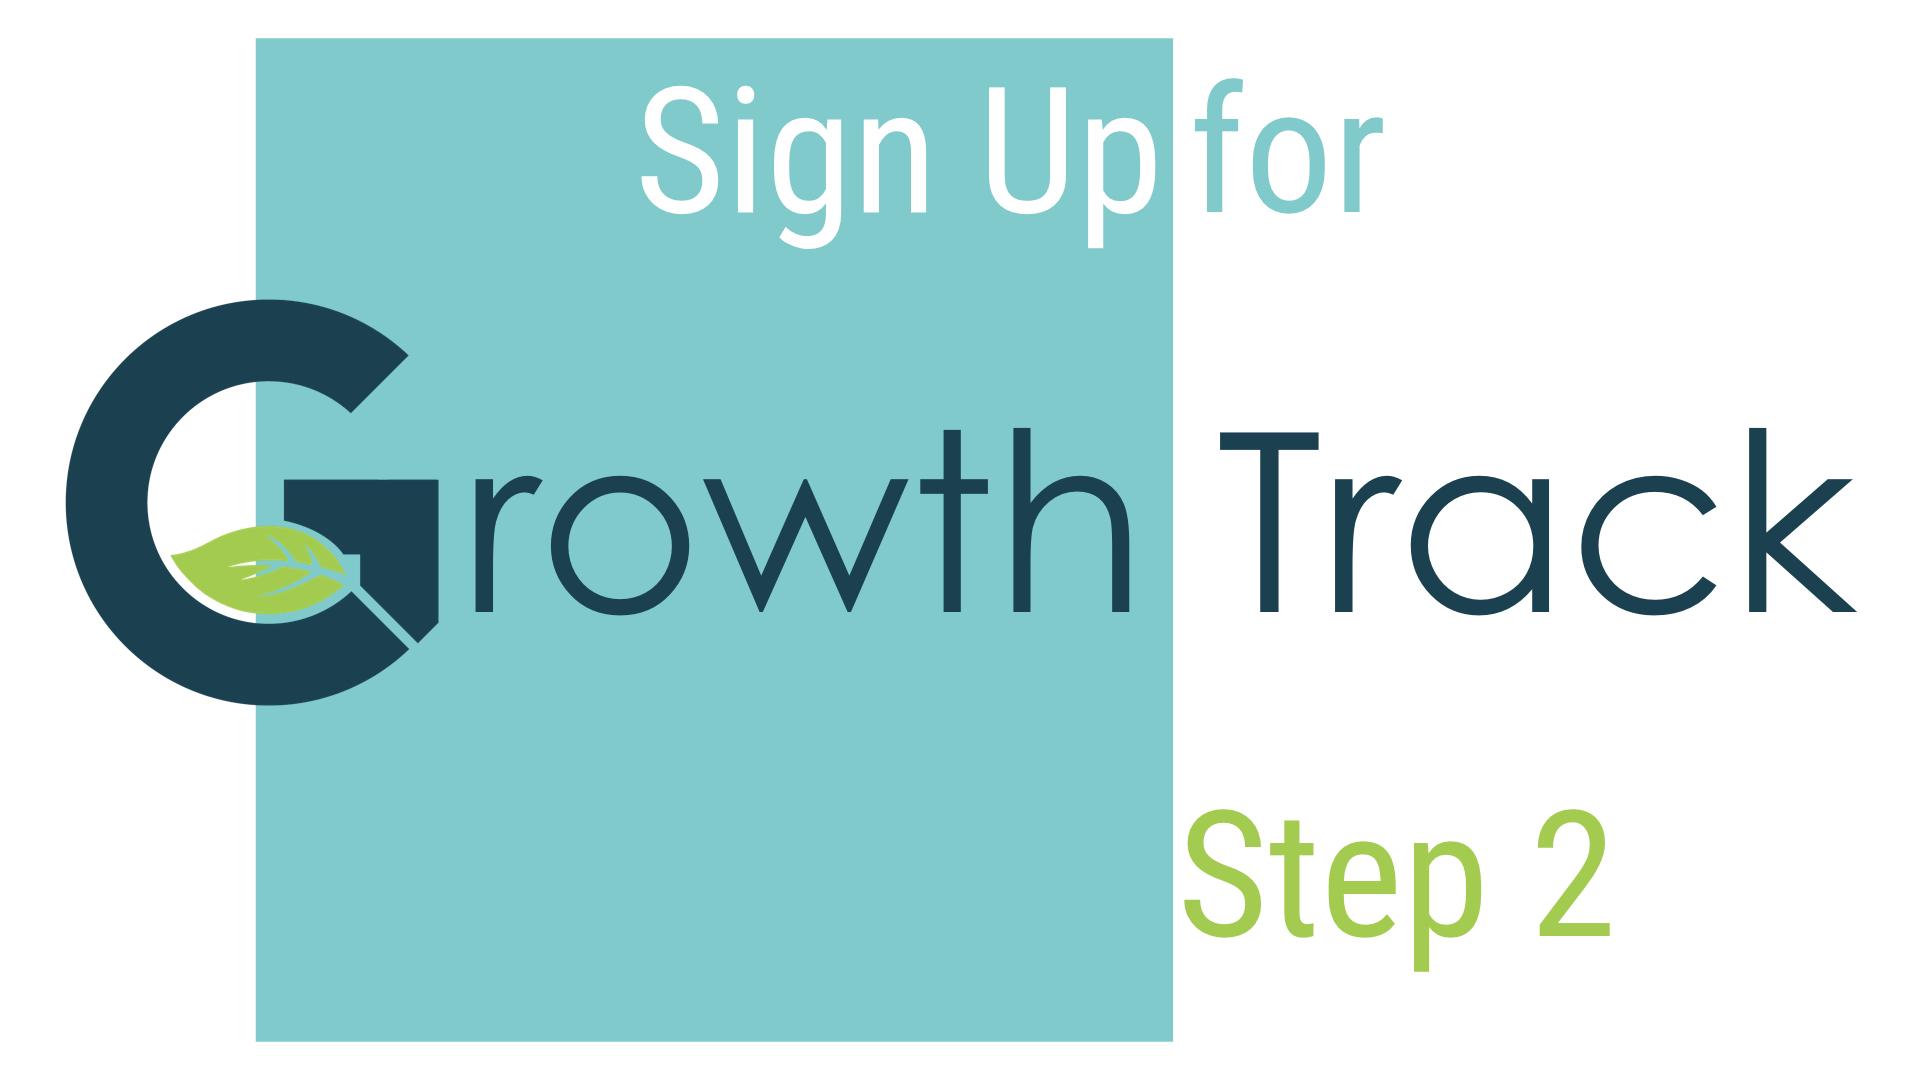 Growth track slides jpeg   step 2 sign up